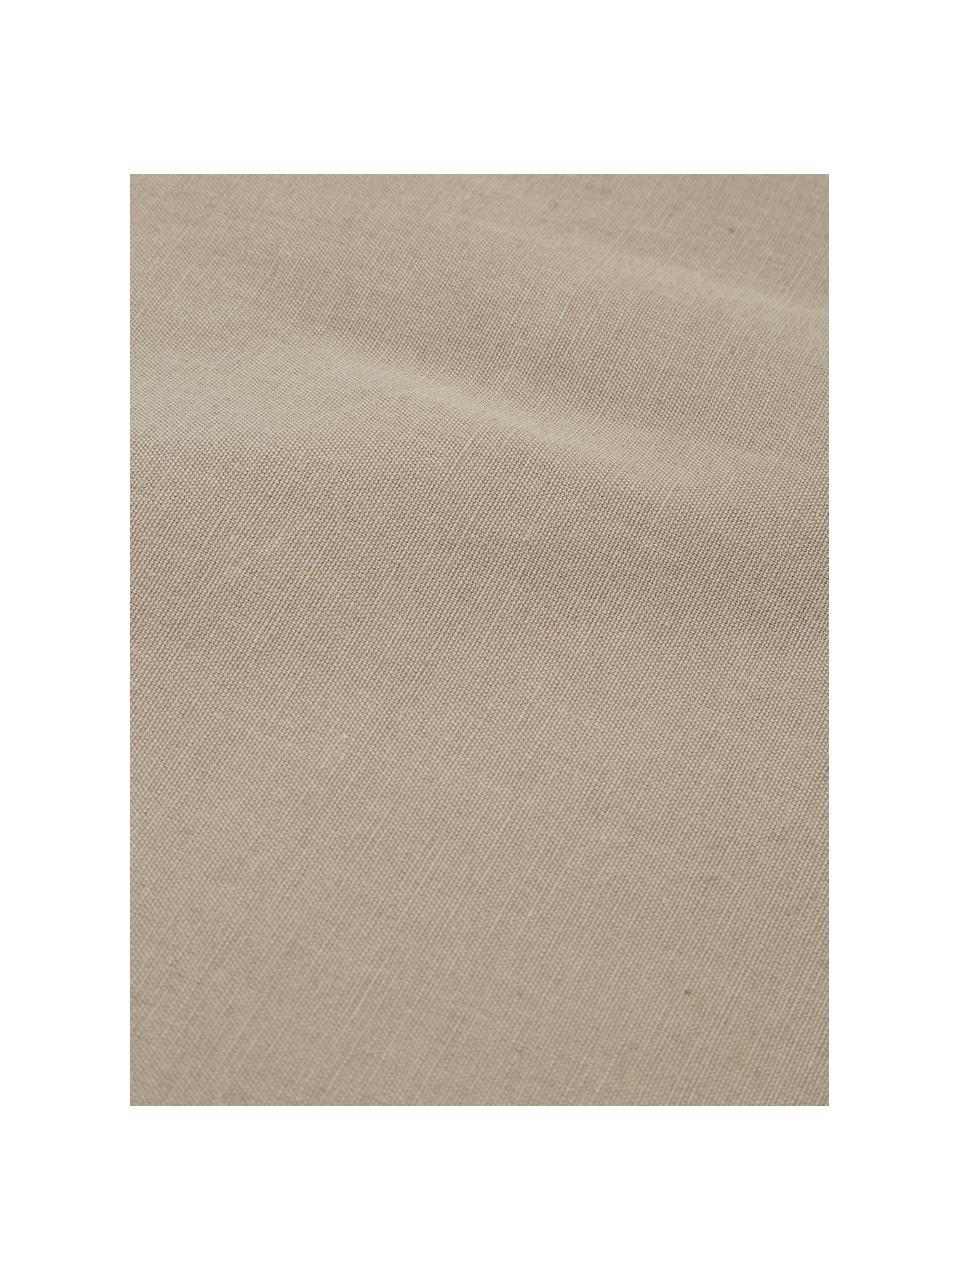 Tovaglia con nappe Benini, 85% cotone, 15% lino, Greige, Larg. 130 x Lung. 270 cm